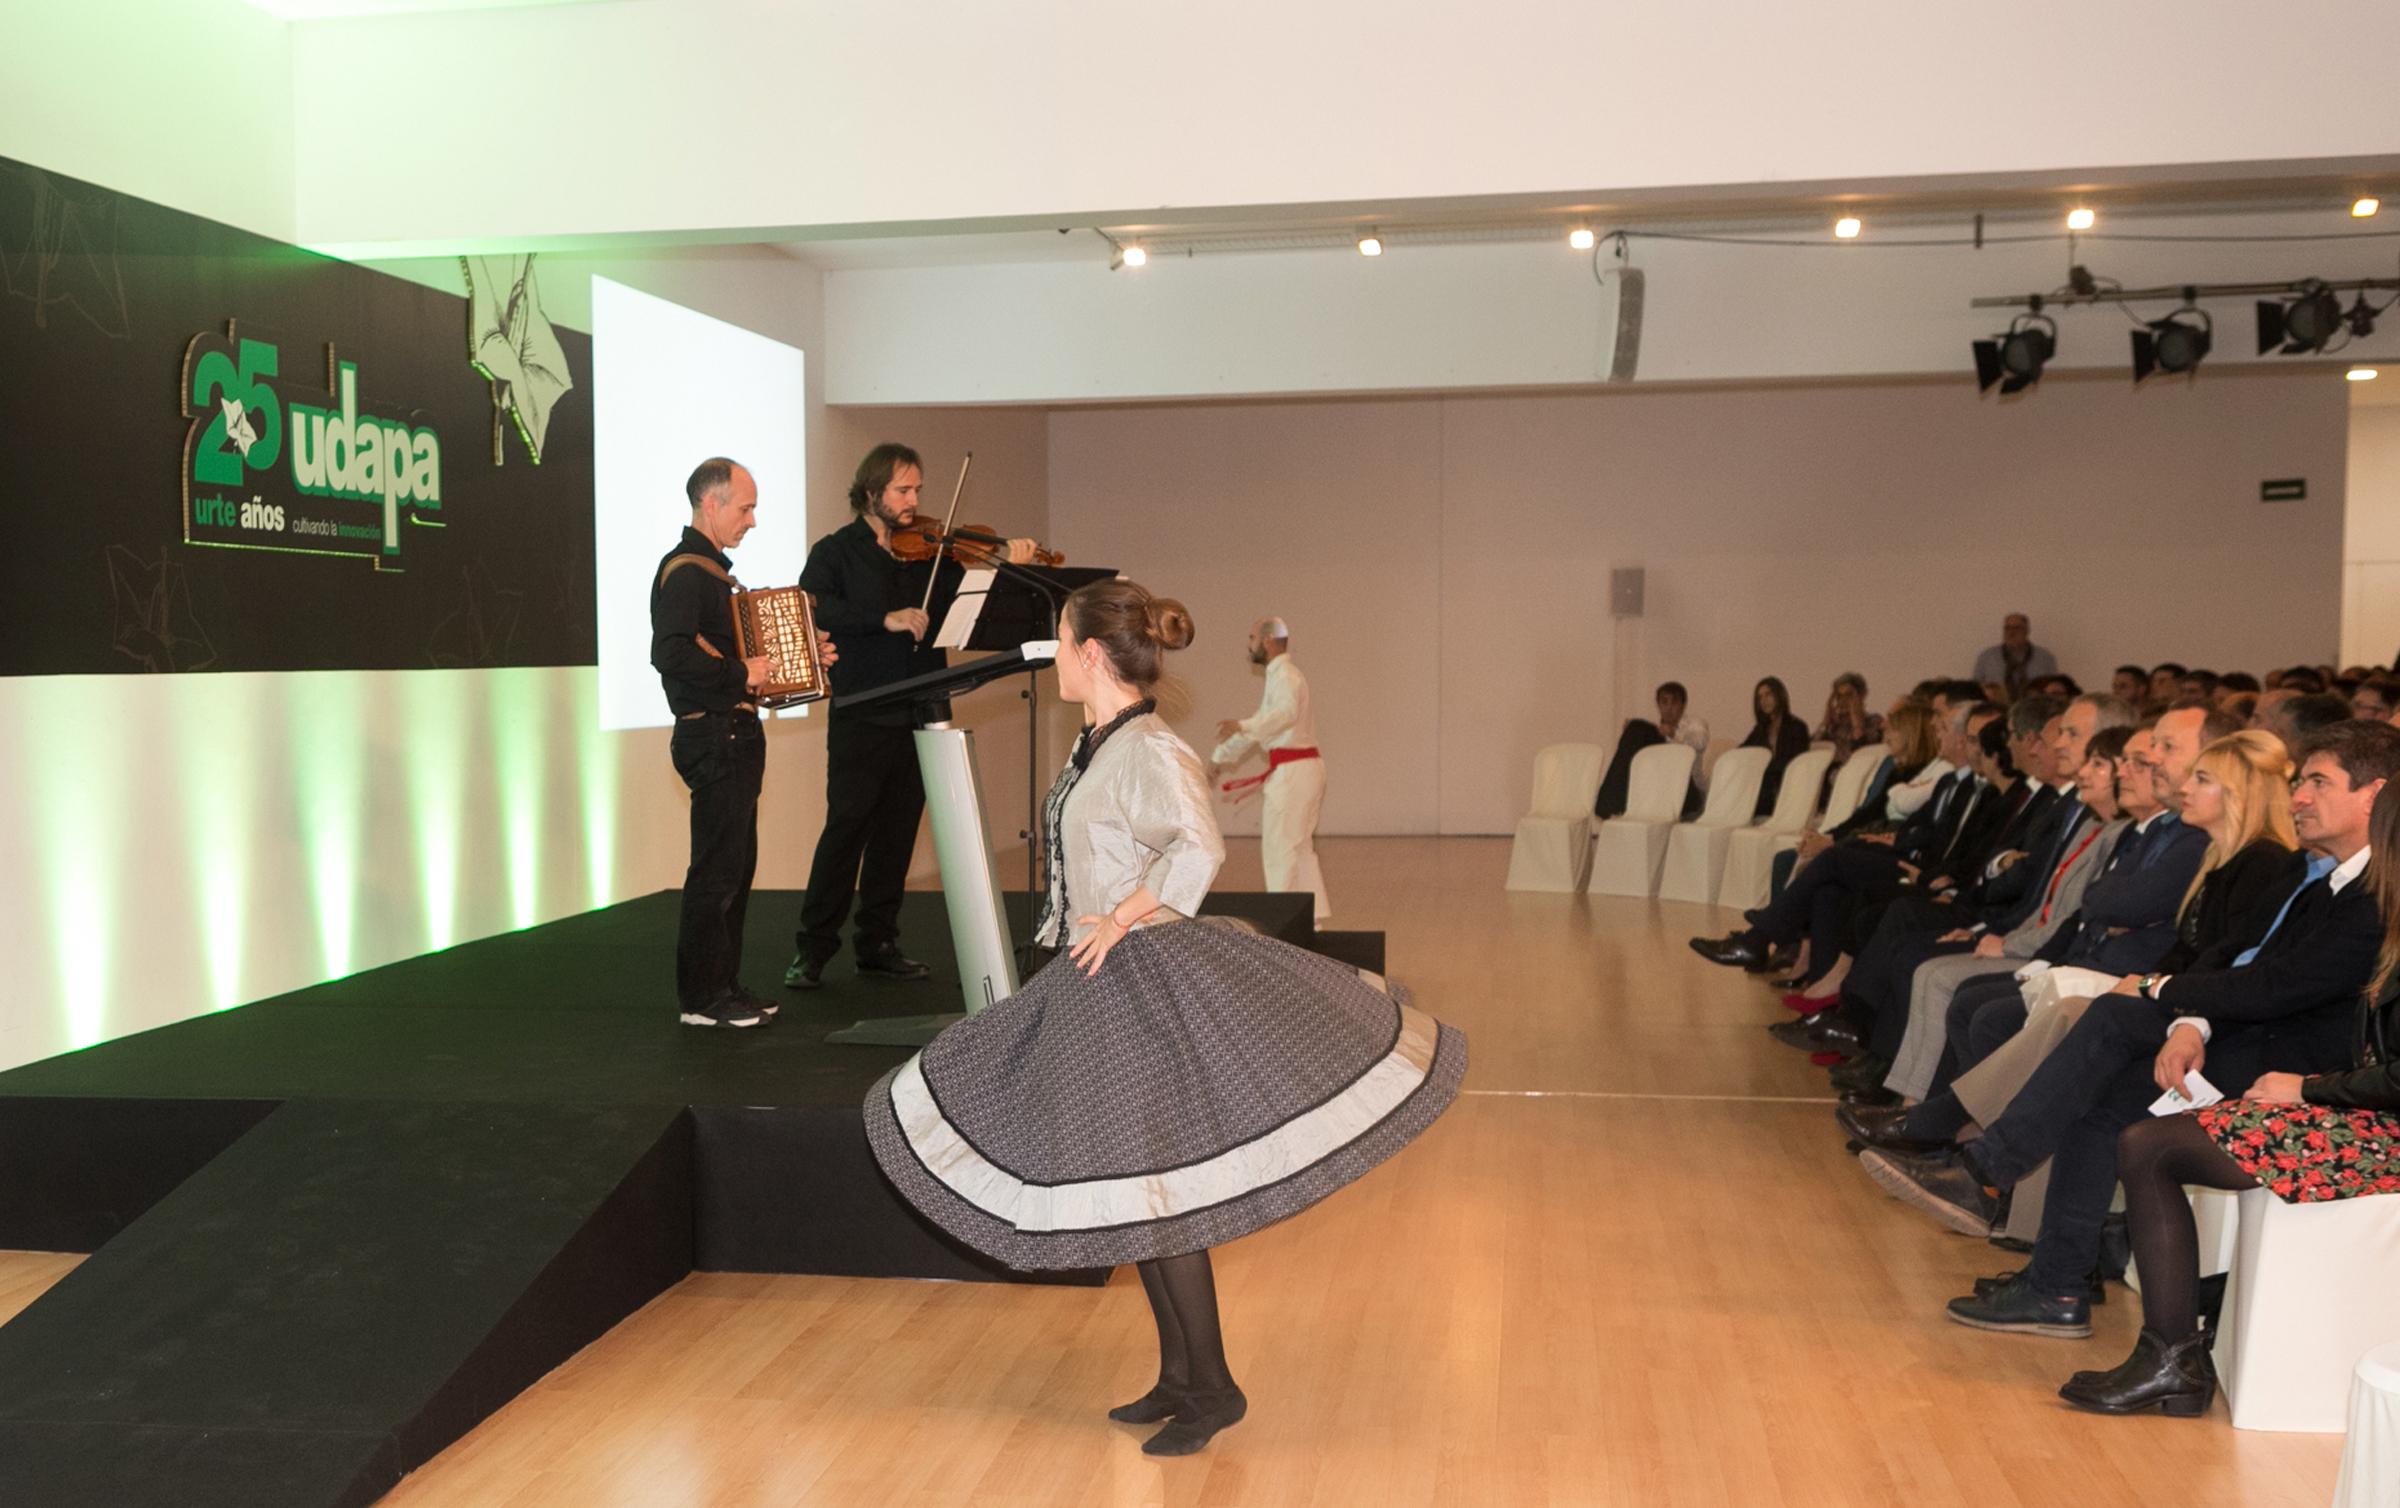 Acto celebrado en Artium amenizado con música y danza